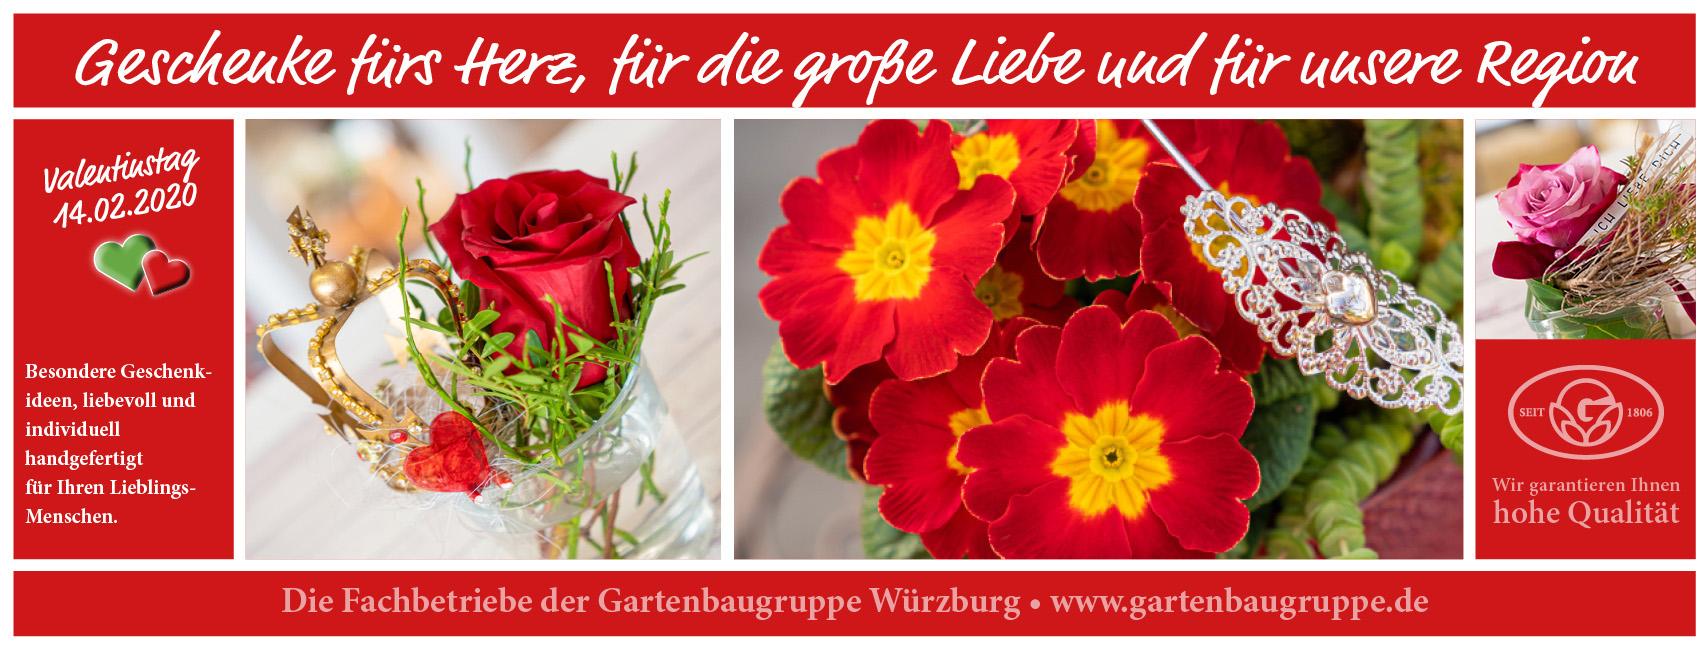 Gartenbaugruppe Würzburg –Valentins Geschenke Von Herz Zu H